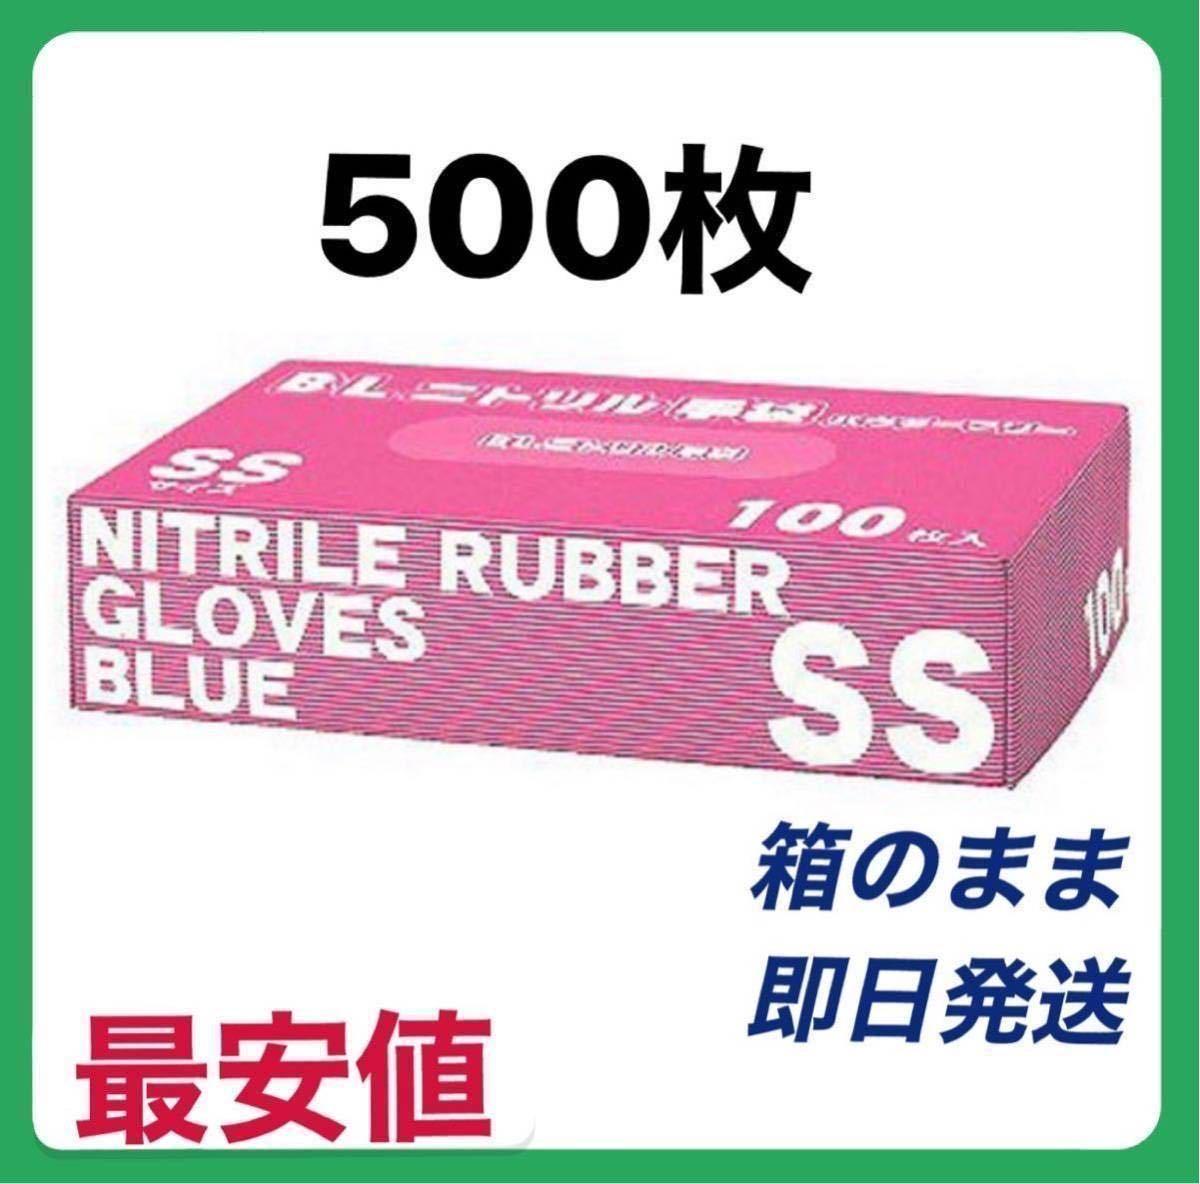 ニトリル手袋 使い捨て手袋 ニトリルグローブ 使い捨て 手袋 ゴム手袋 グローブ ニトリル 使い捨てグローブ SS ブルー 5箱_画像1